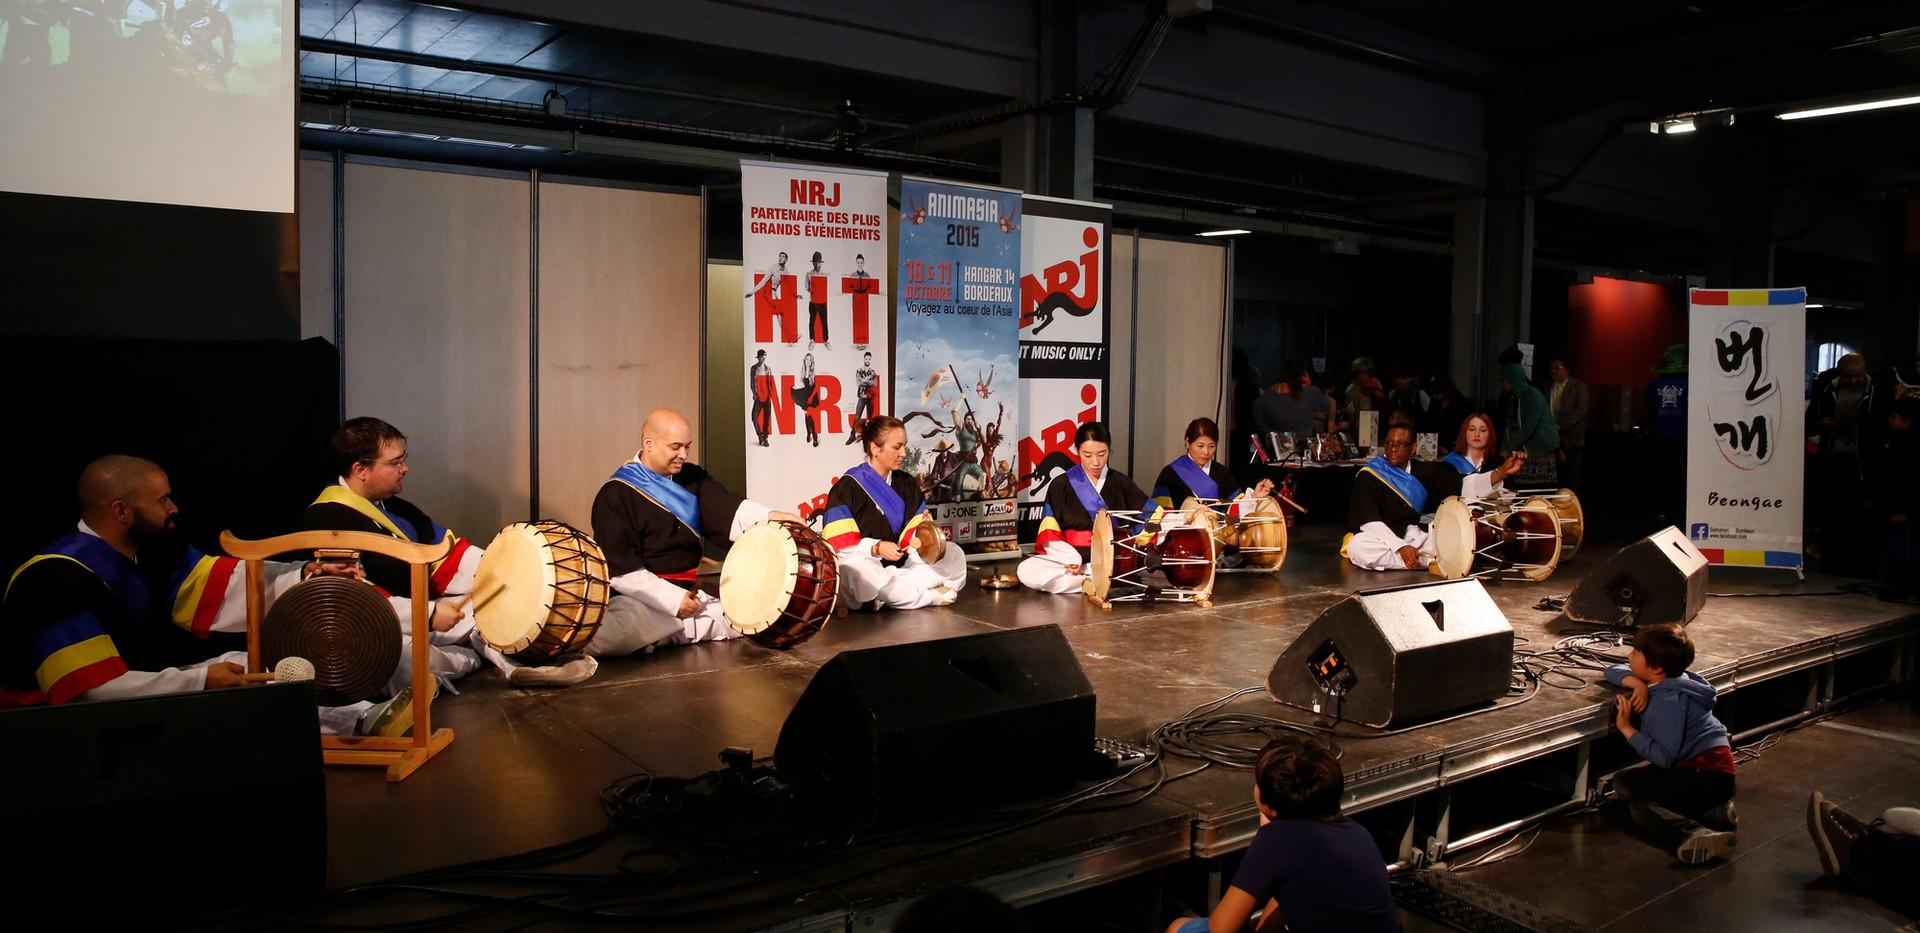 Samulnori (jeu à 4 percussions)